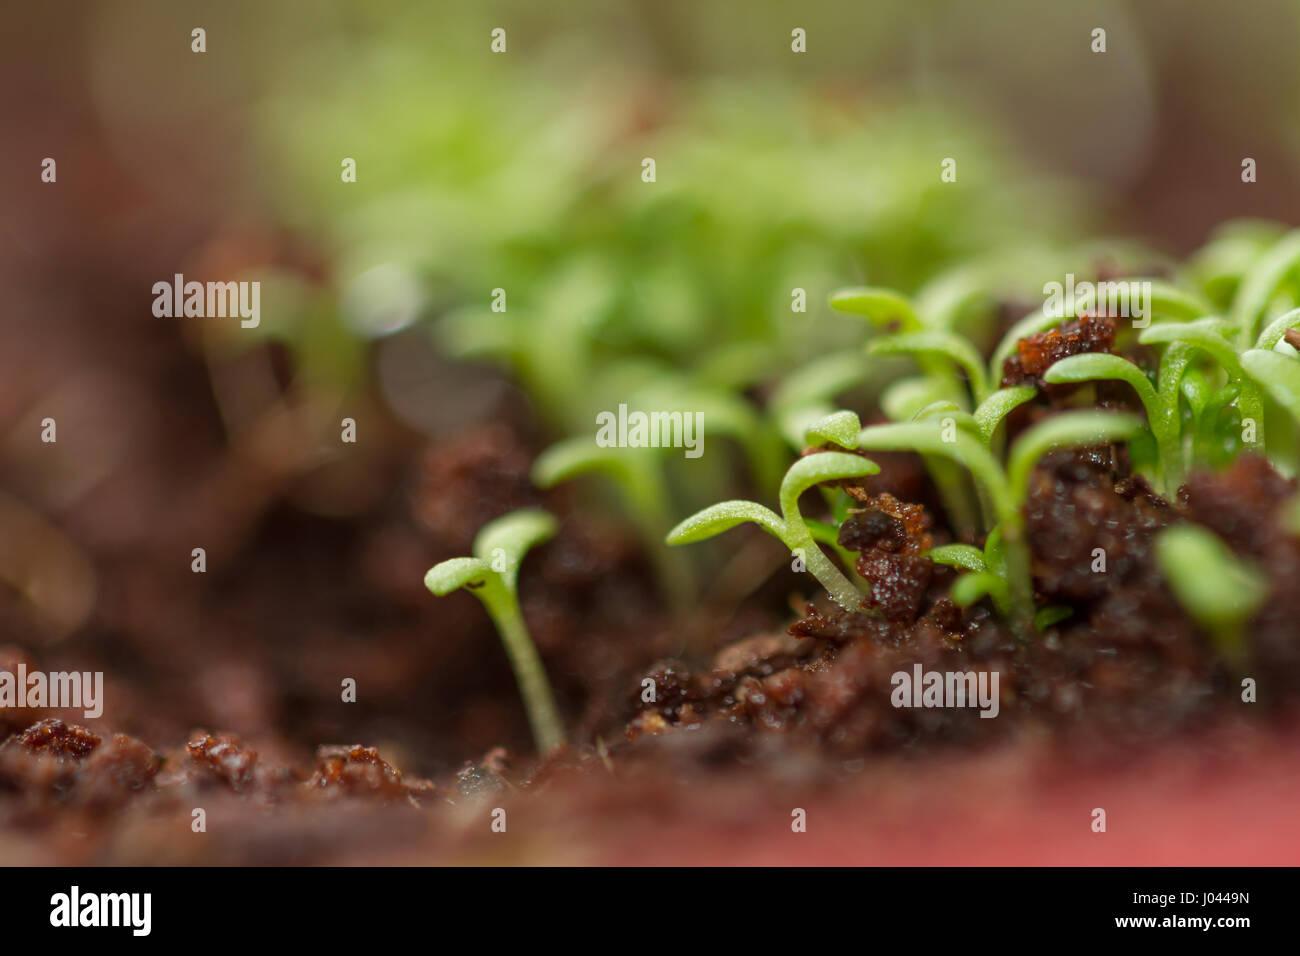 Grüne Kamille Sprossen. Kressen Sprossen Stockbild